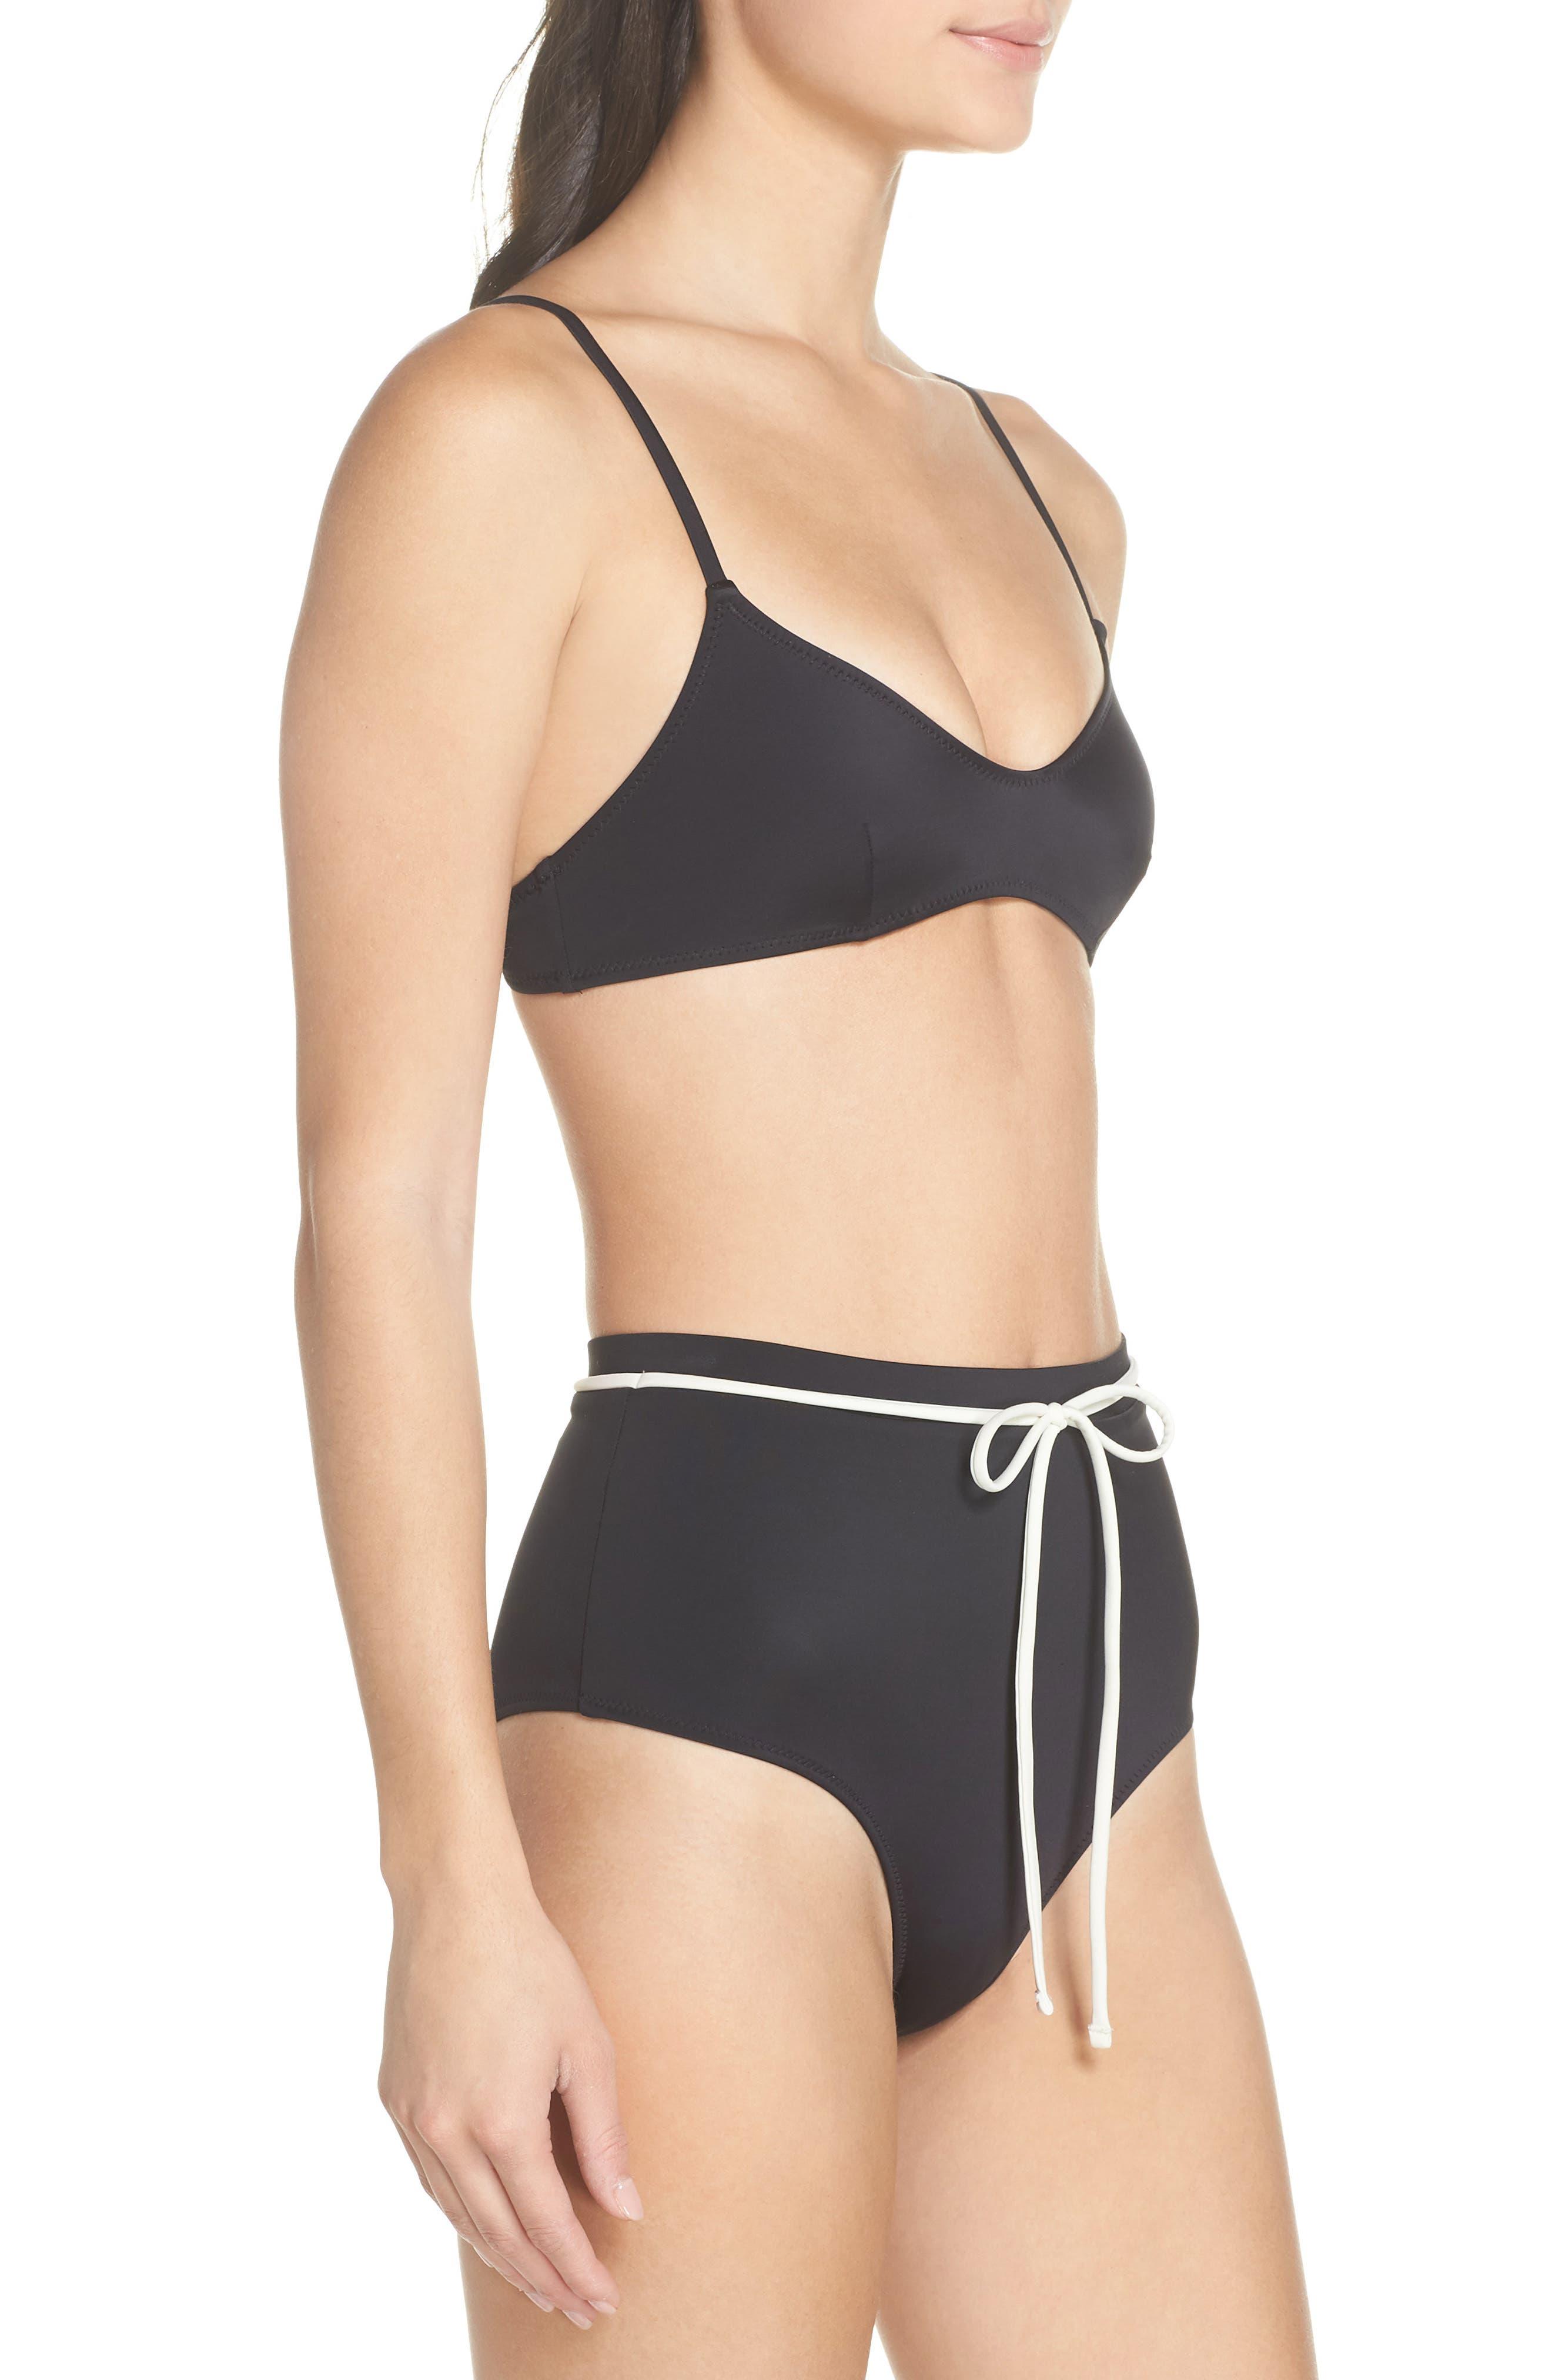 Cora Bikini Top,                             Alternate thumbnail 9, color,                             BLACK